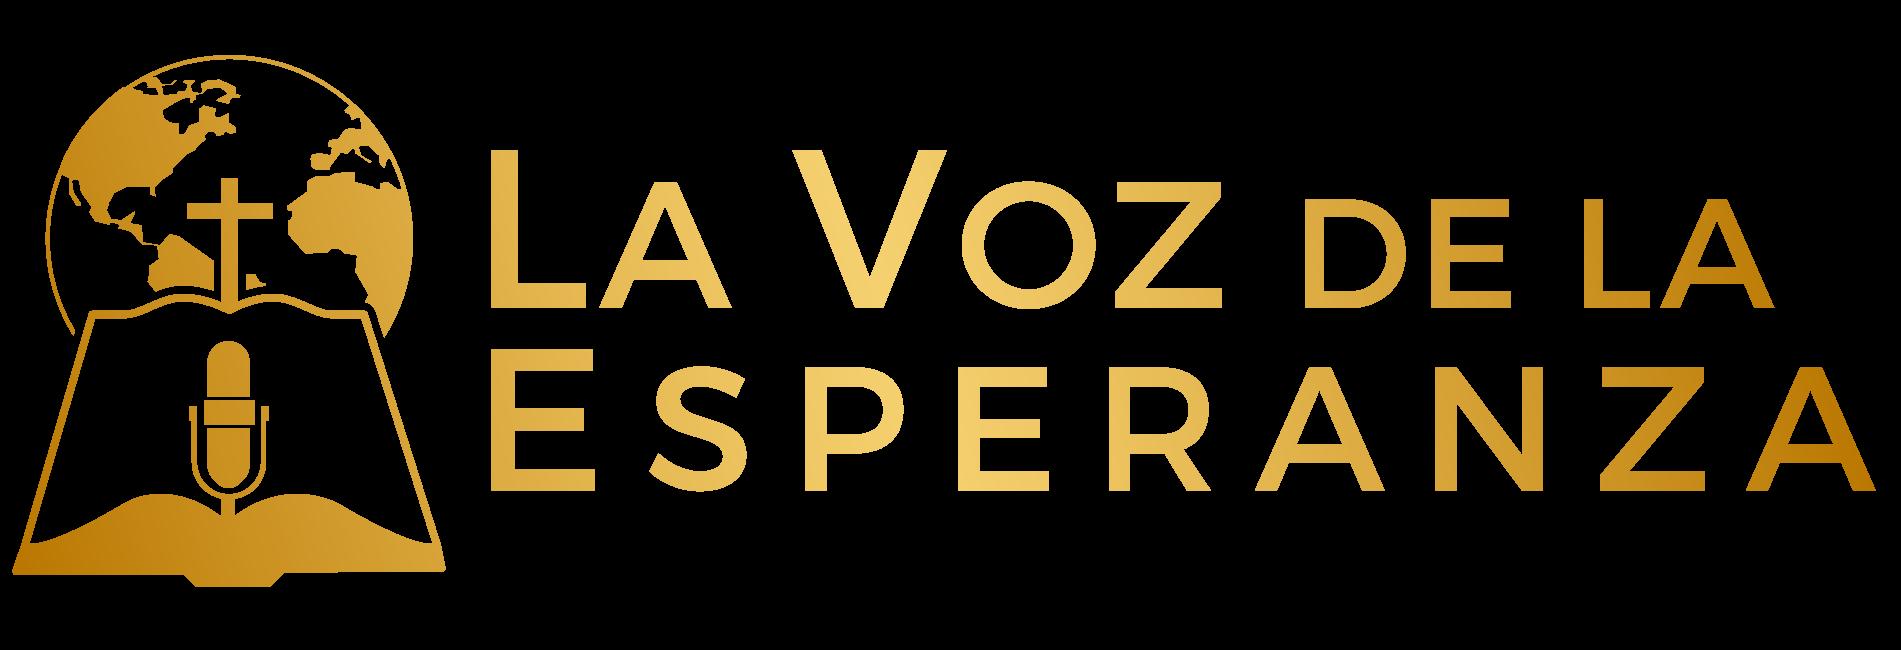 La Voz de la Esperanza